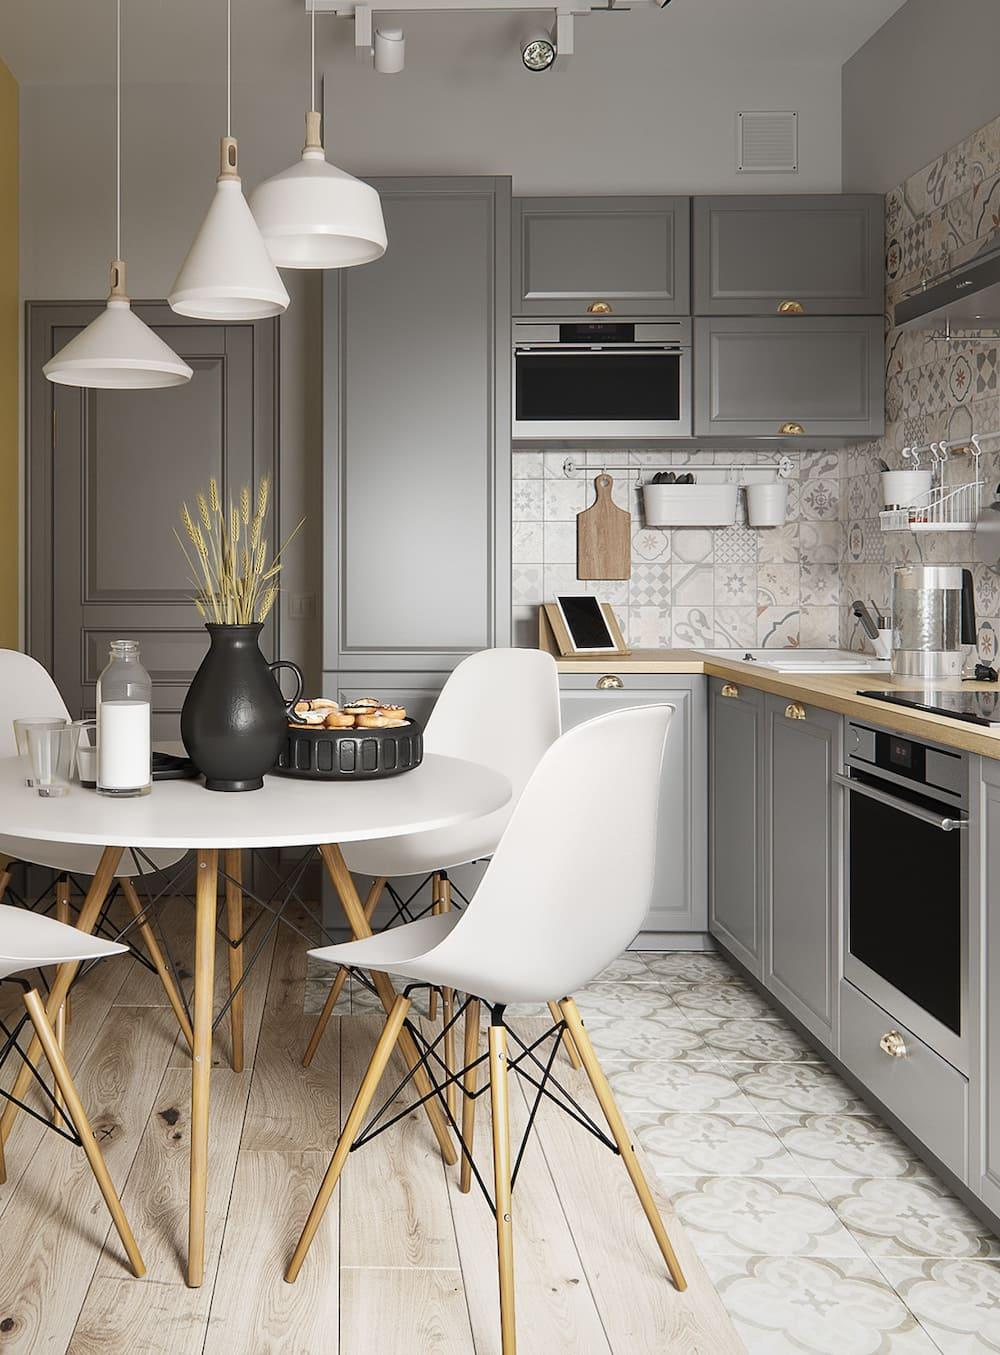 дизайн кухни в современном стиле фото 38